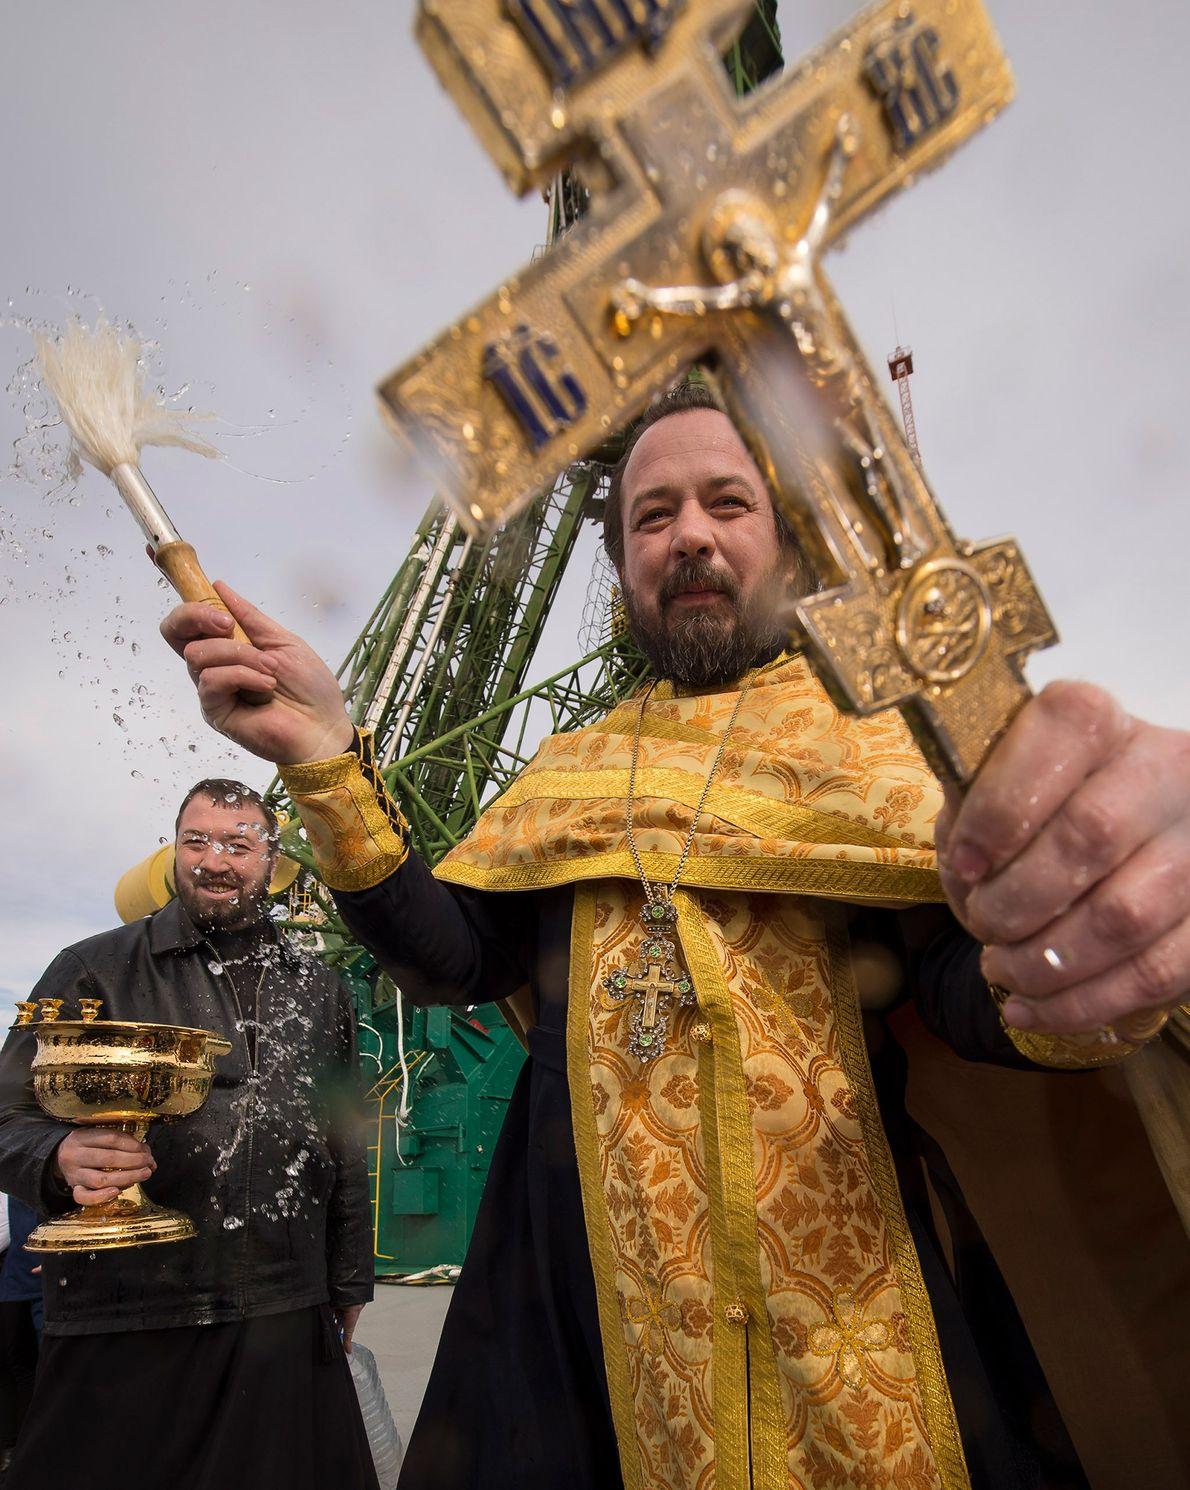 Un sacerdote ortodoxo bendice a los medios junto al cohete Soyuz en la plataforma de lanzamiento …